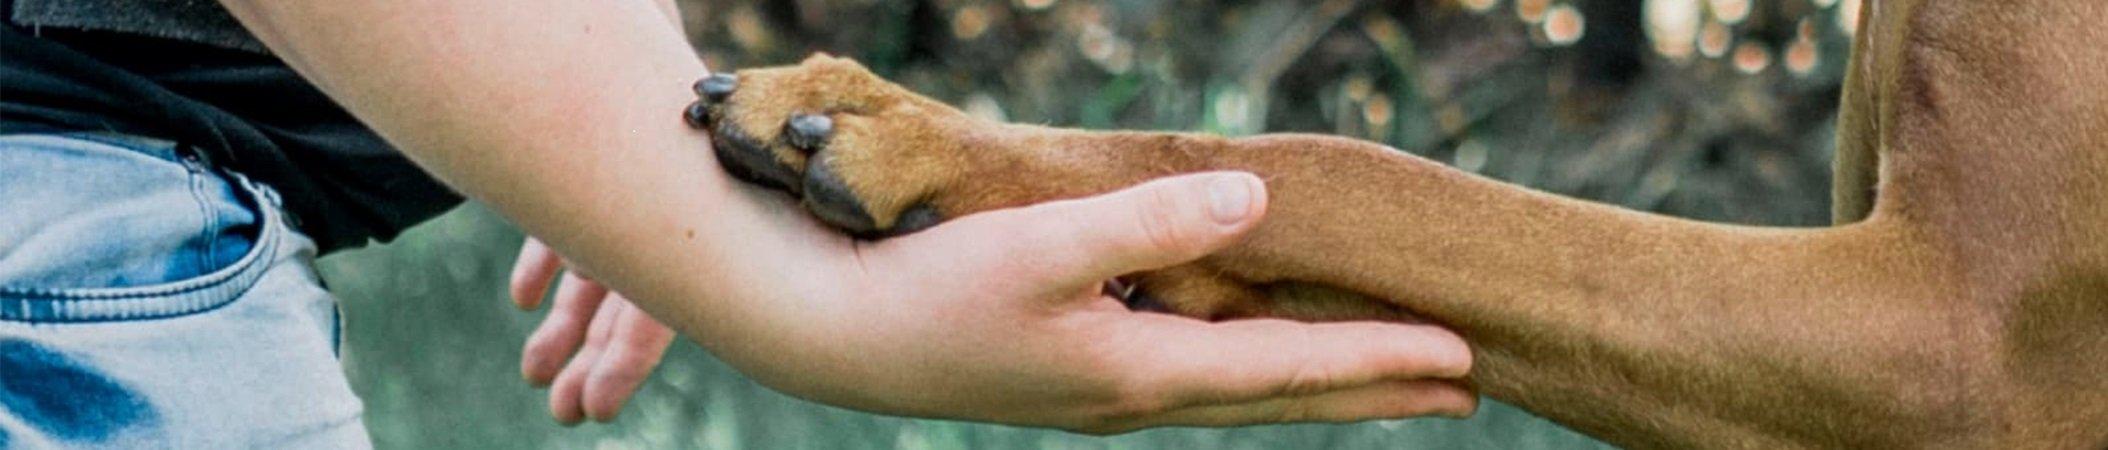 hondenpoot-in-hand